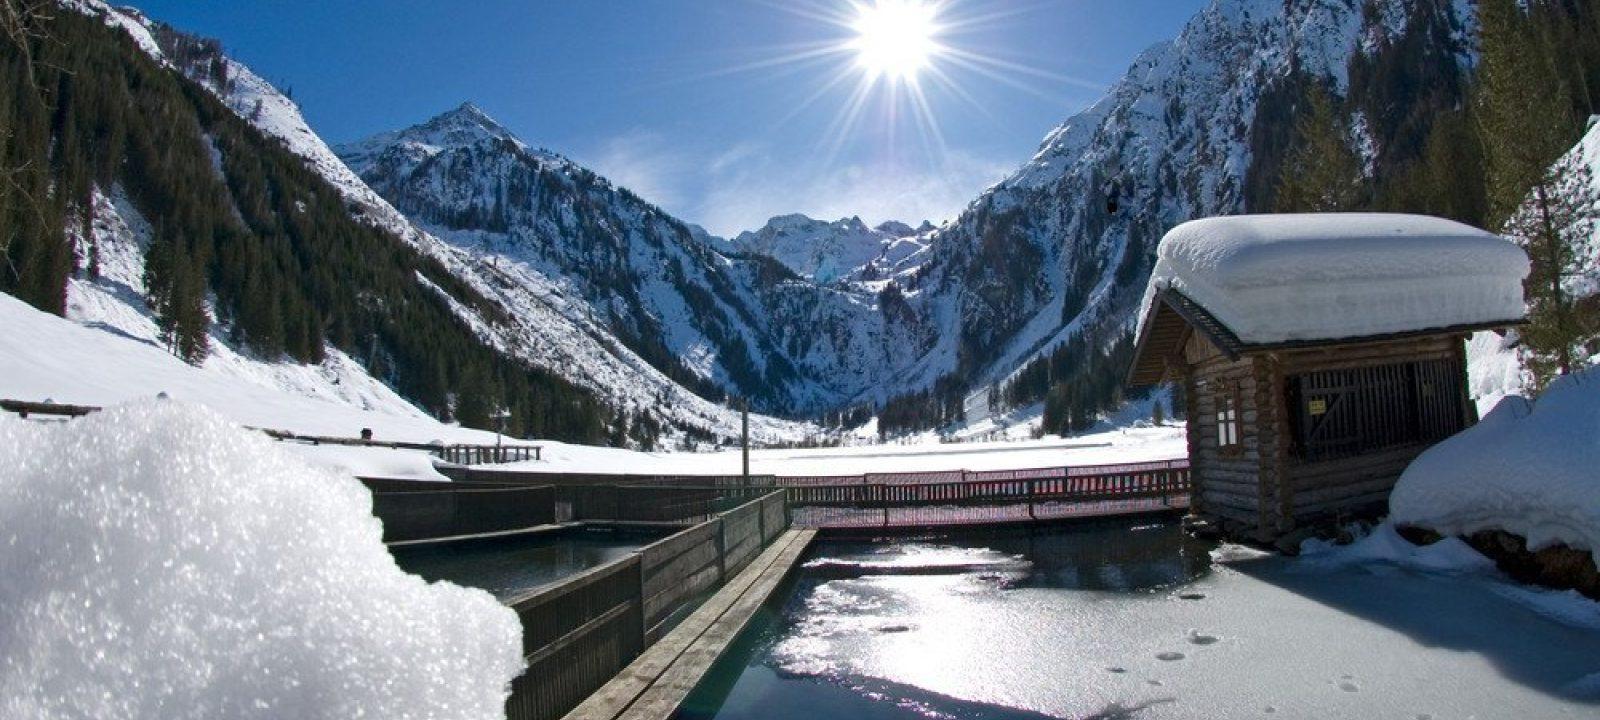 Steirischer Bodensee Im Winter C Tv Haus Aich Goessenberg Bernd Huber